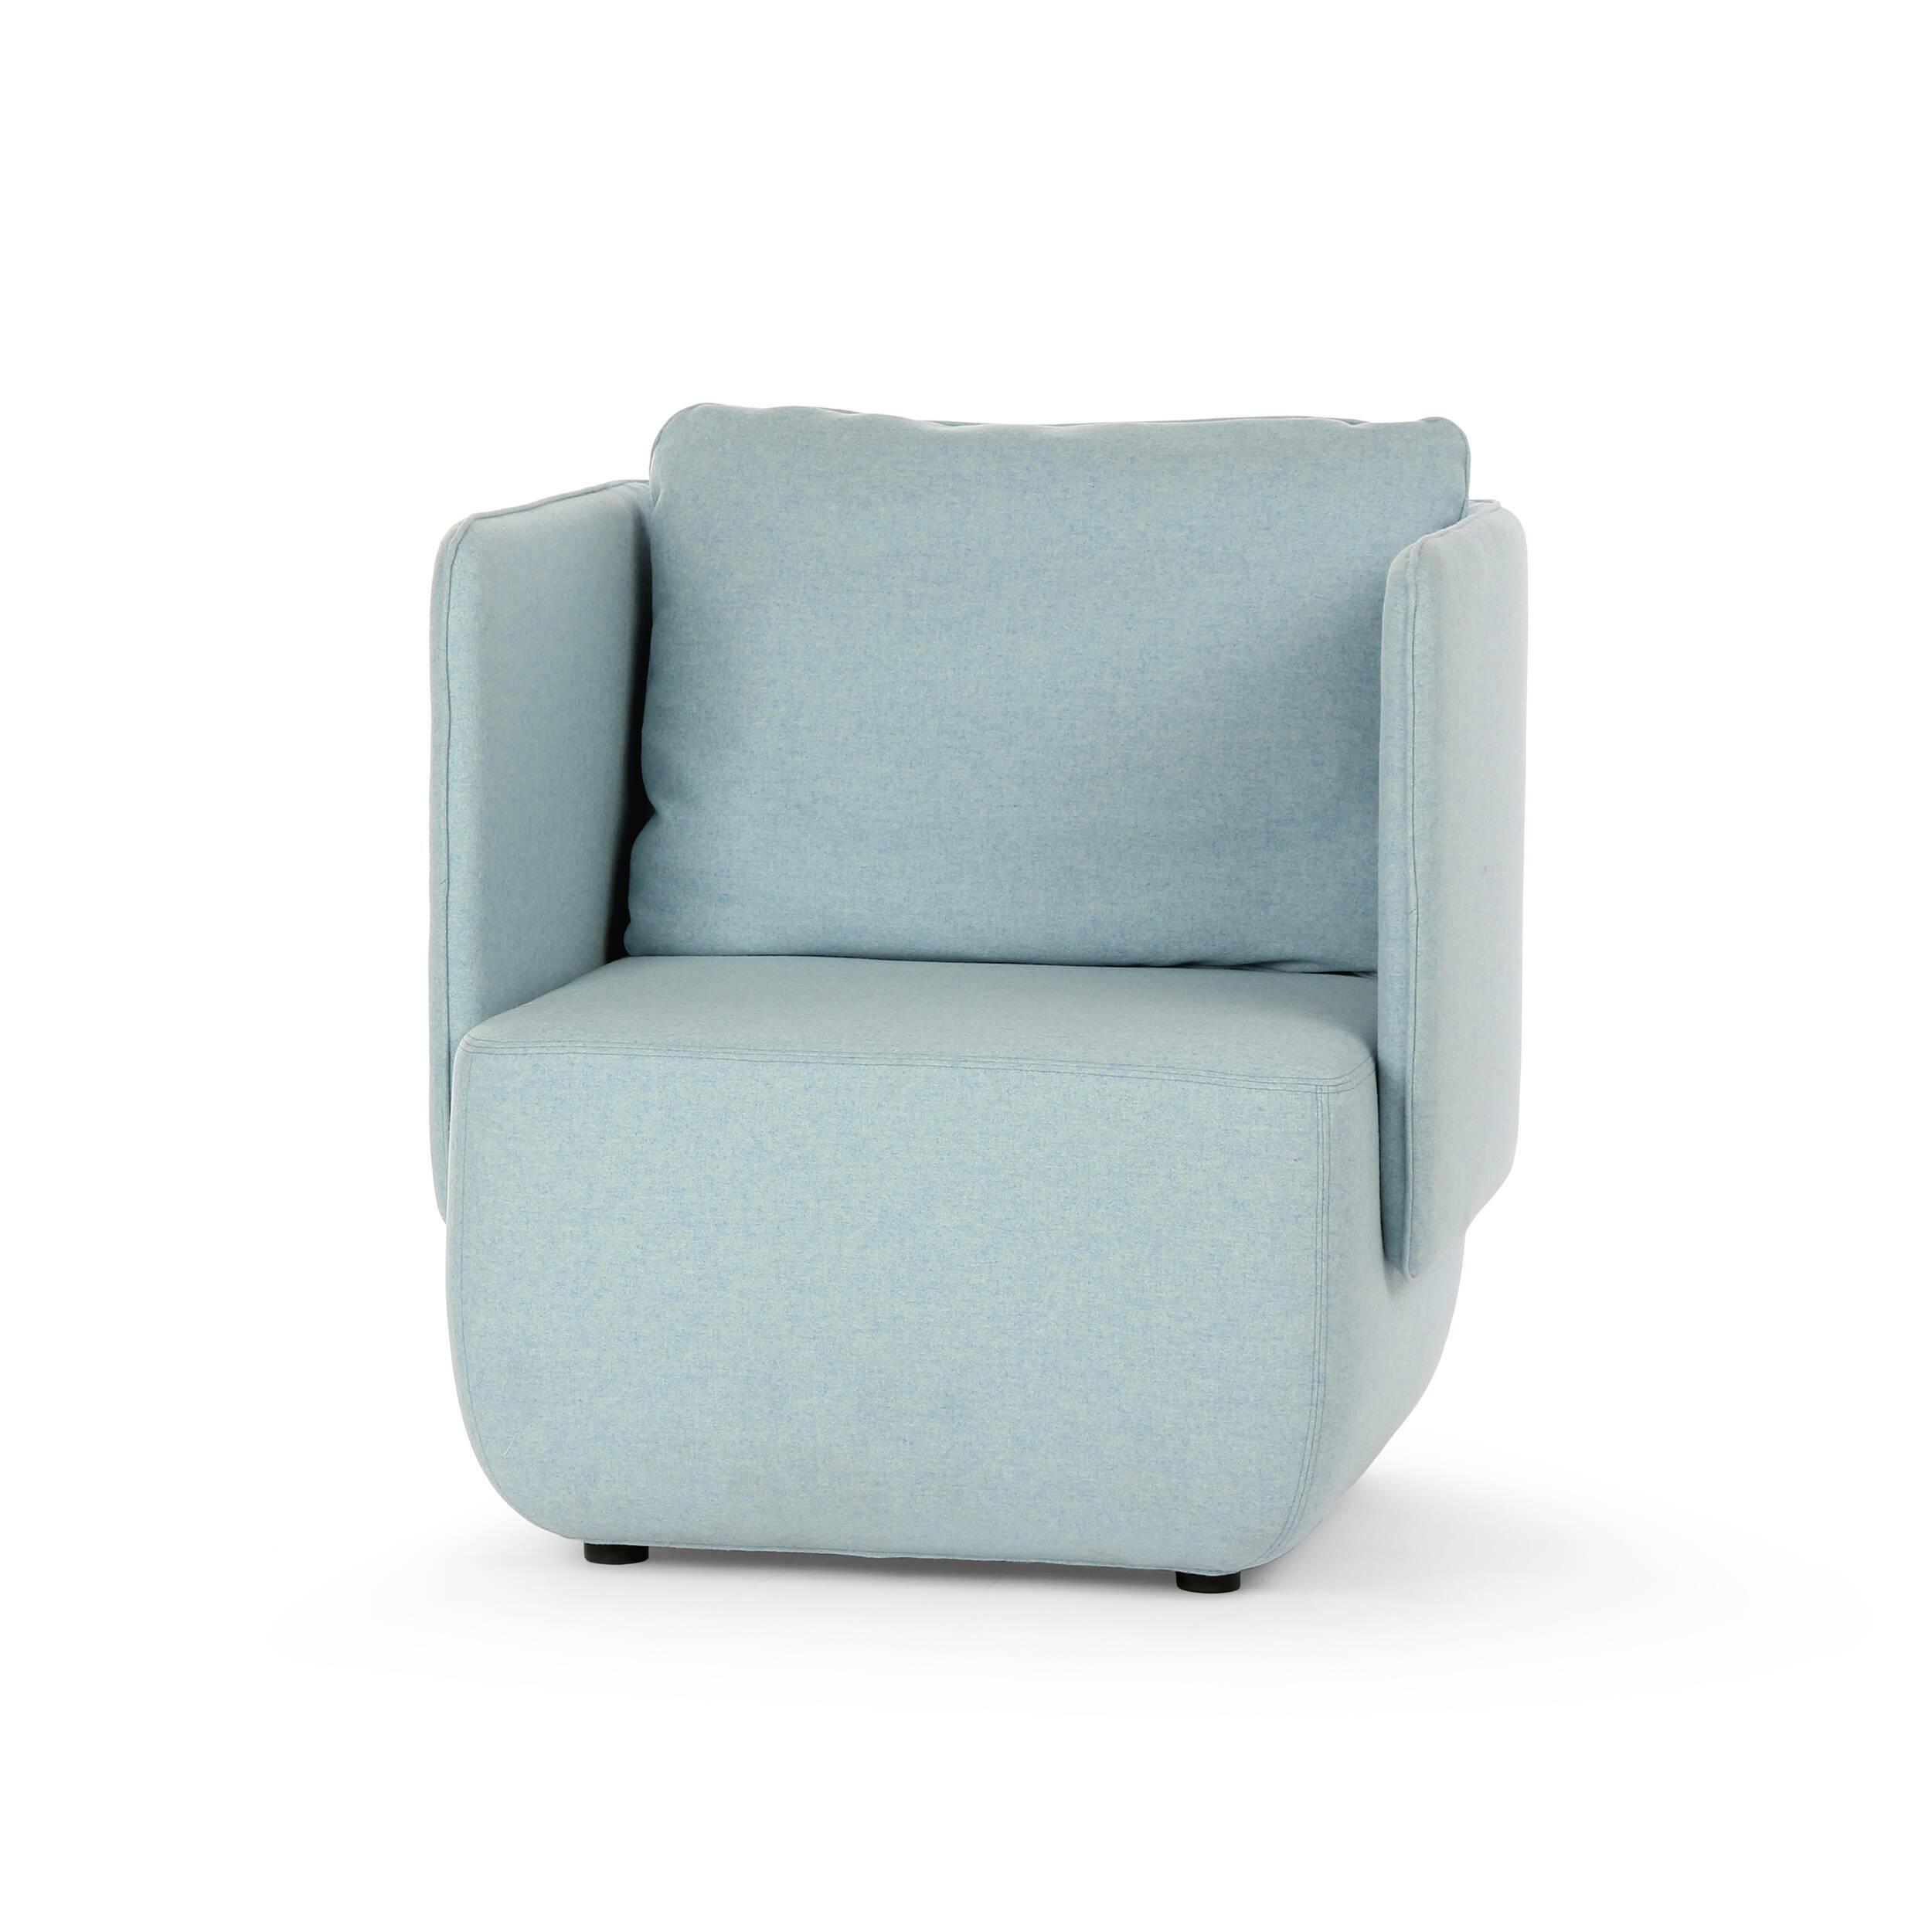 Кресло Opera высота 79Интерьерные<br>Кресло Opera высота 79 задумано дизайнером как удобное место для вашего отдыха, в котором можно расслабиться как физически, так и психологически. Этому способствуют высокие бортики-подлокотники изделия, закрывающие вас с трех сторон. Кроме того, кресло имеет удобную подушку, которая сделает ваш отдых комфортным и максимально удобным.<br><br><br> Кресло Opera высота 79 отличается не только стильным дизайном, но и высококачественными и прочными материалами. Обивка кресла сделана из экологически чи...<br><br>stock: 0<br>Высота: 79<br>Высота сиденья: 42<br>Ширина: 78<br>Глубина: 76<br>Цвет ножек: Черный<br>Материал обивки: Шерсть, Полиамид<br>Коллекция ткани: Felt<br>Тип материала обивки: Ткань<br>Цвет обивки: Светло-голубой